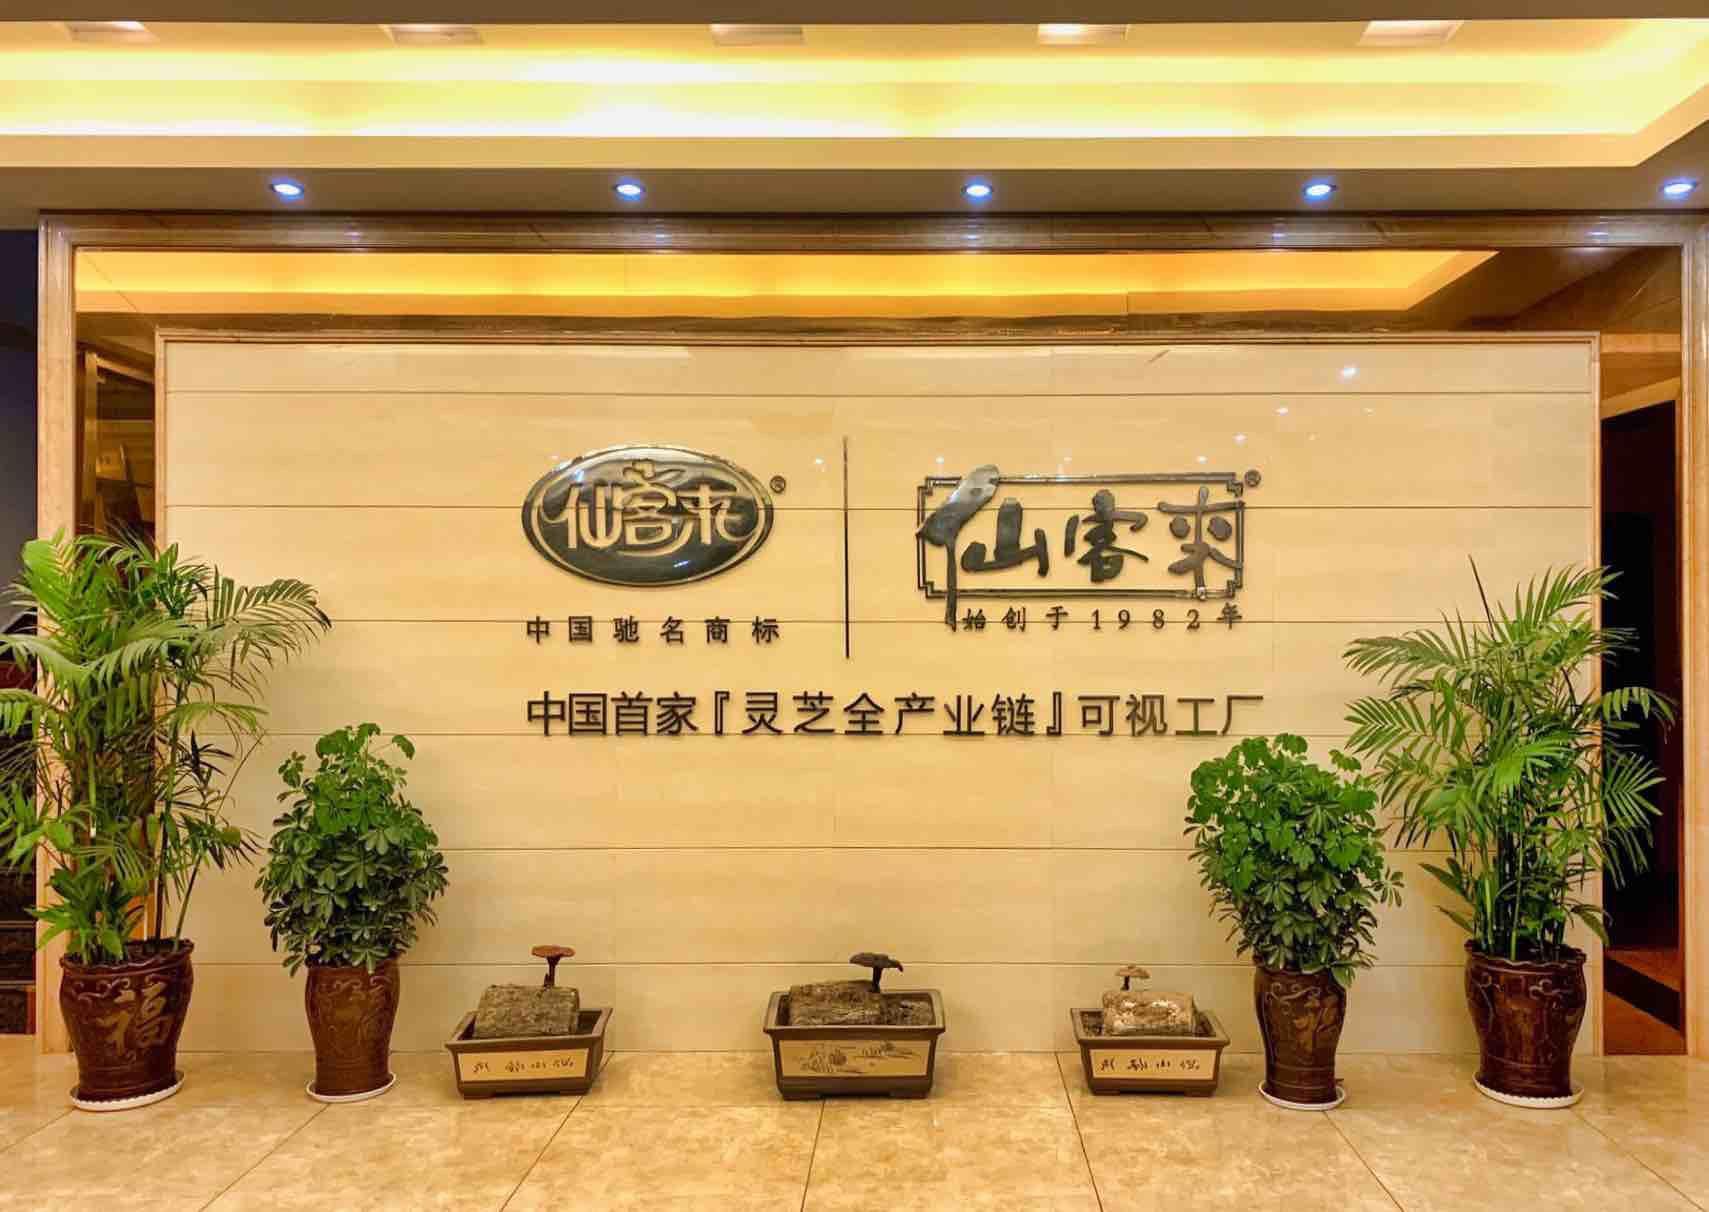 仙客来有机灵芝<br/>中国灵芝十大品牌